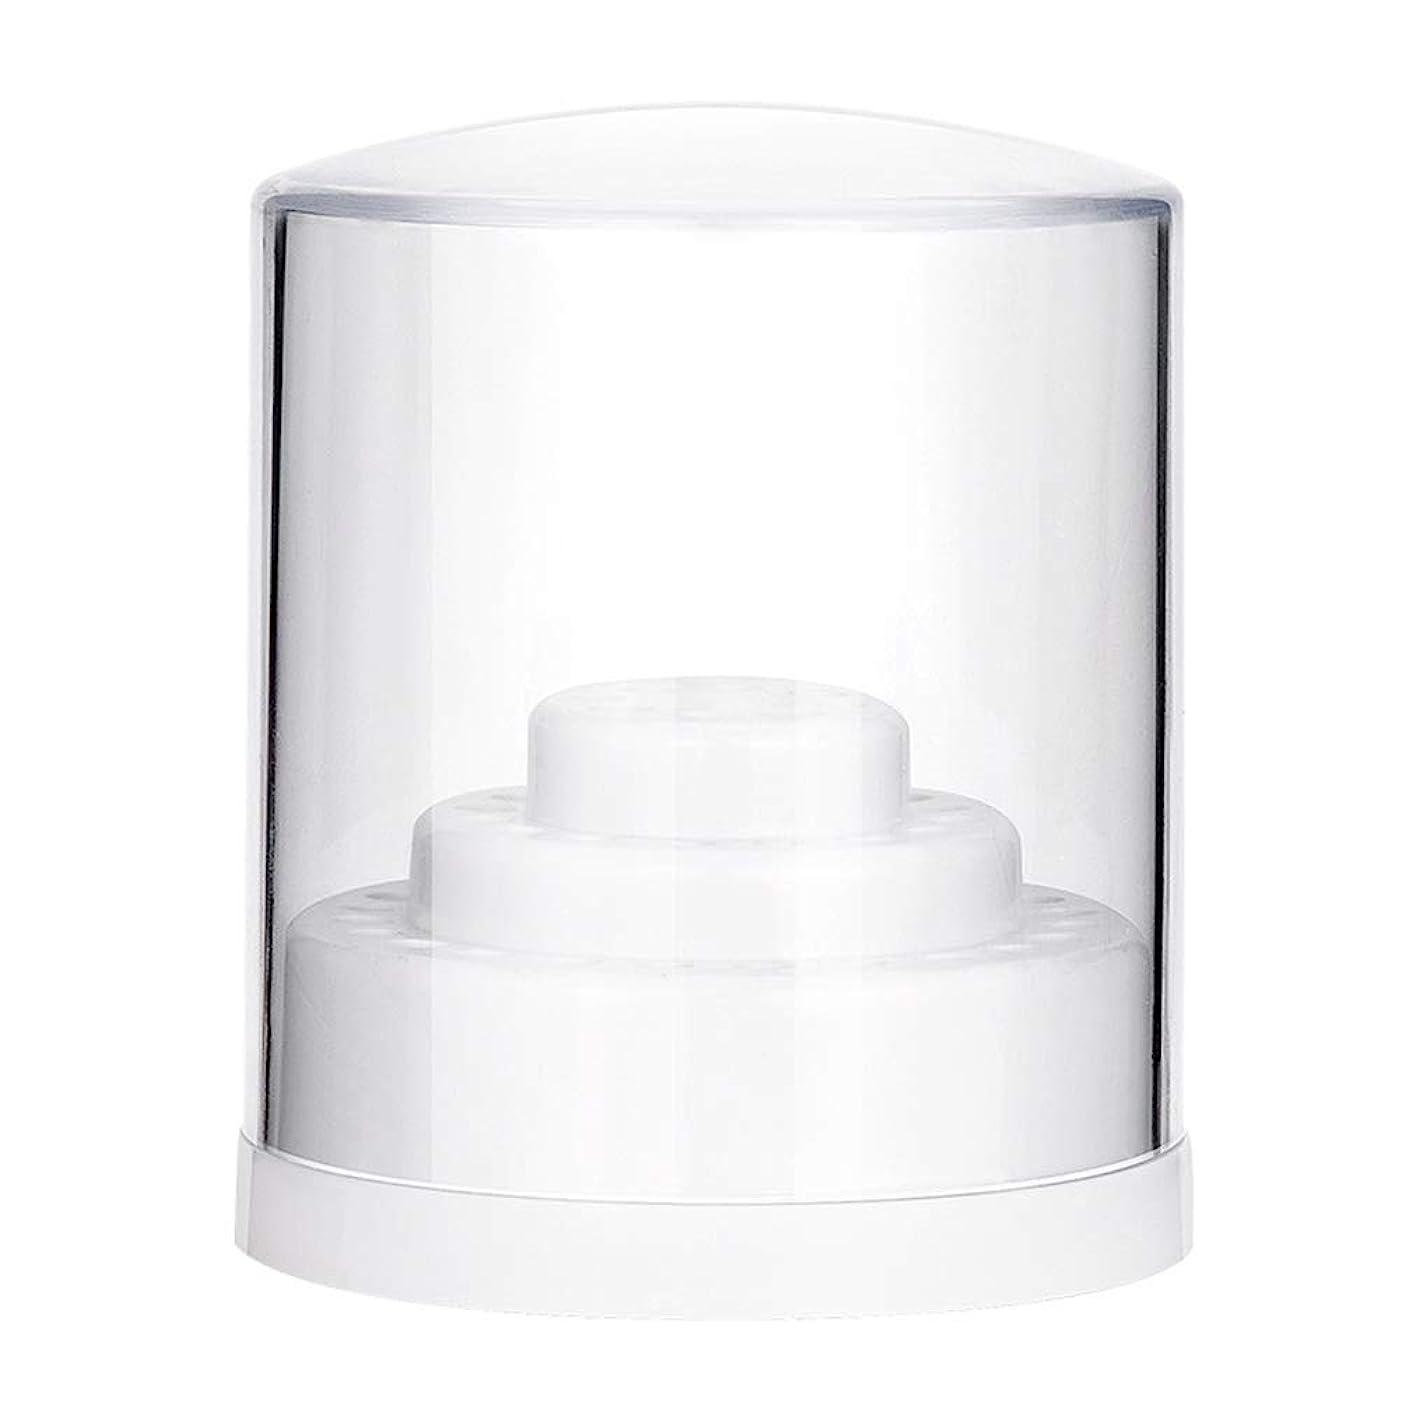 浸食立ち向かう科学的YINKUU ネイル研削ヘッド収納ボックス 48穴 ディスプレイボックス 透明キャップ付き ネイルアートパーツ(ホワイト)